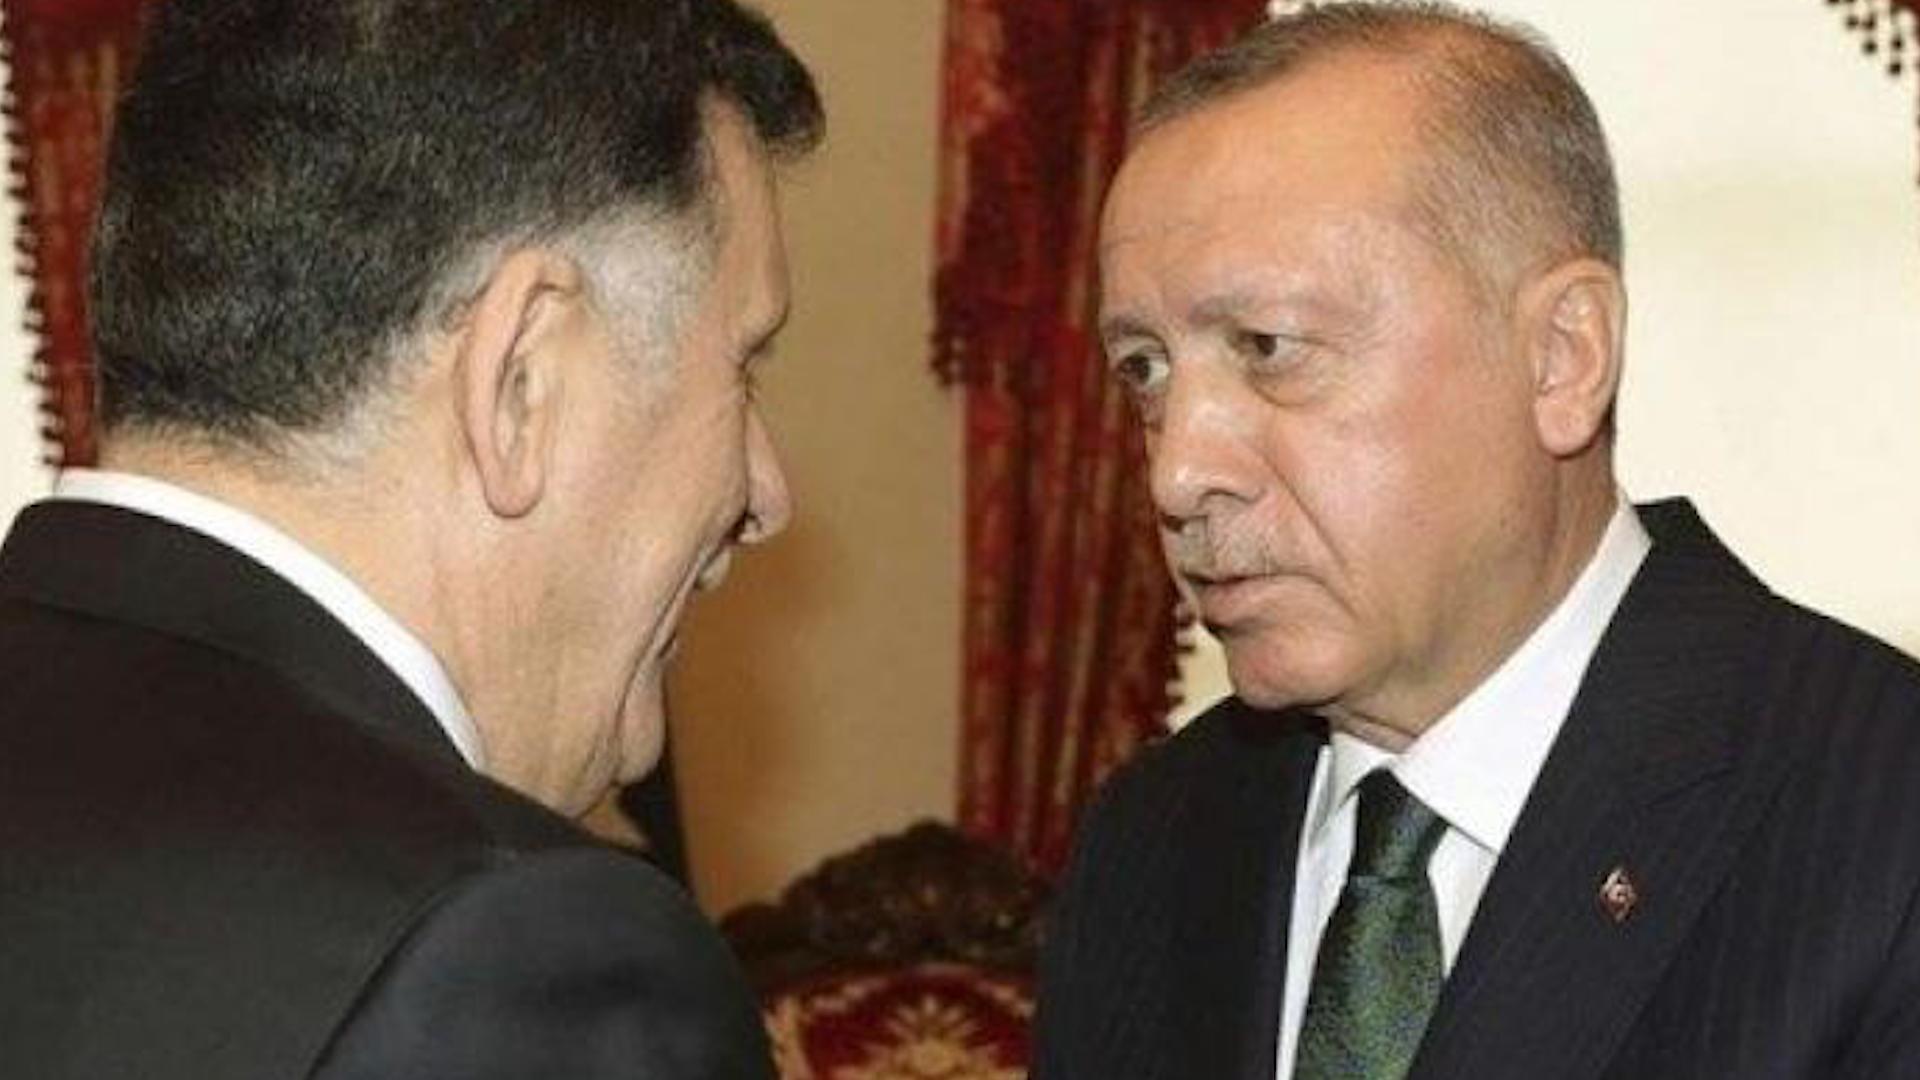 Photo of Erdogan mukur tê: me ji bo deryaya spî berê xwe da Lîbyayê